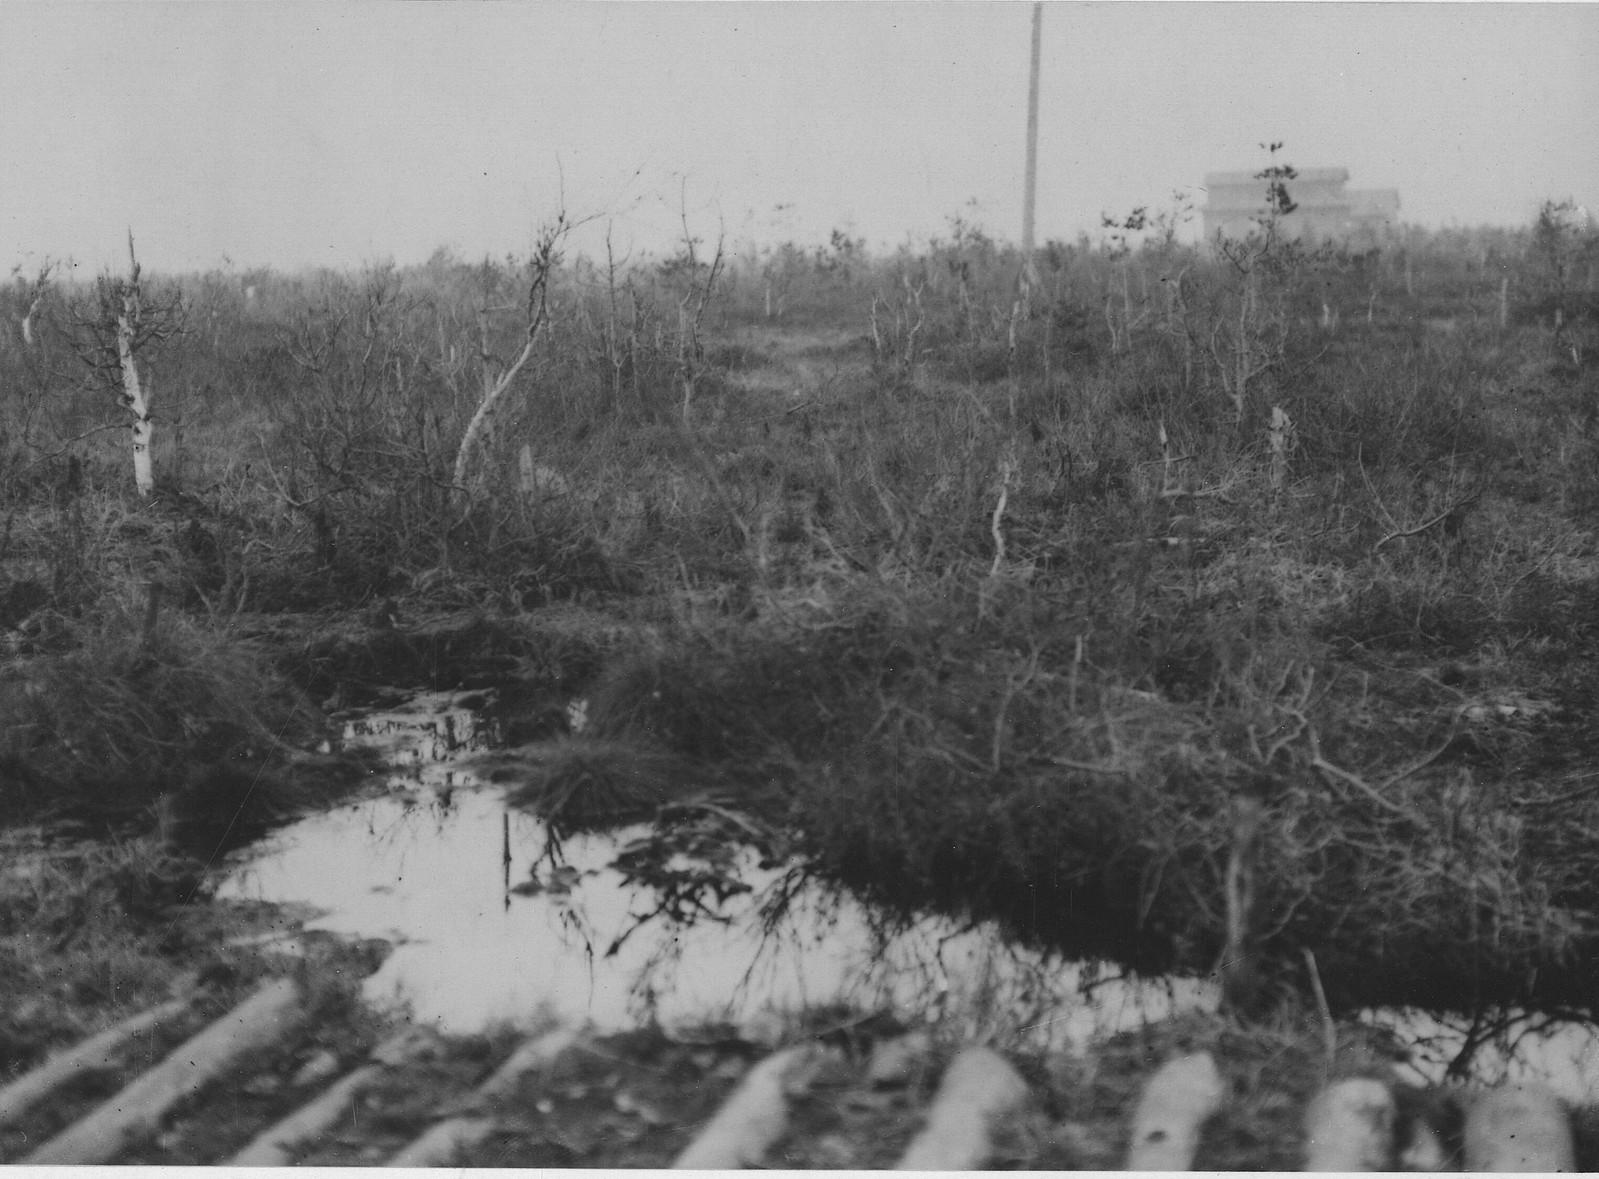 07. Типичный вид местности, где приходится сражаться с большевиками